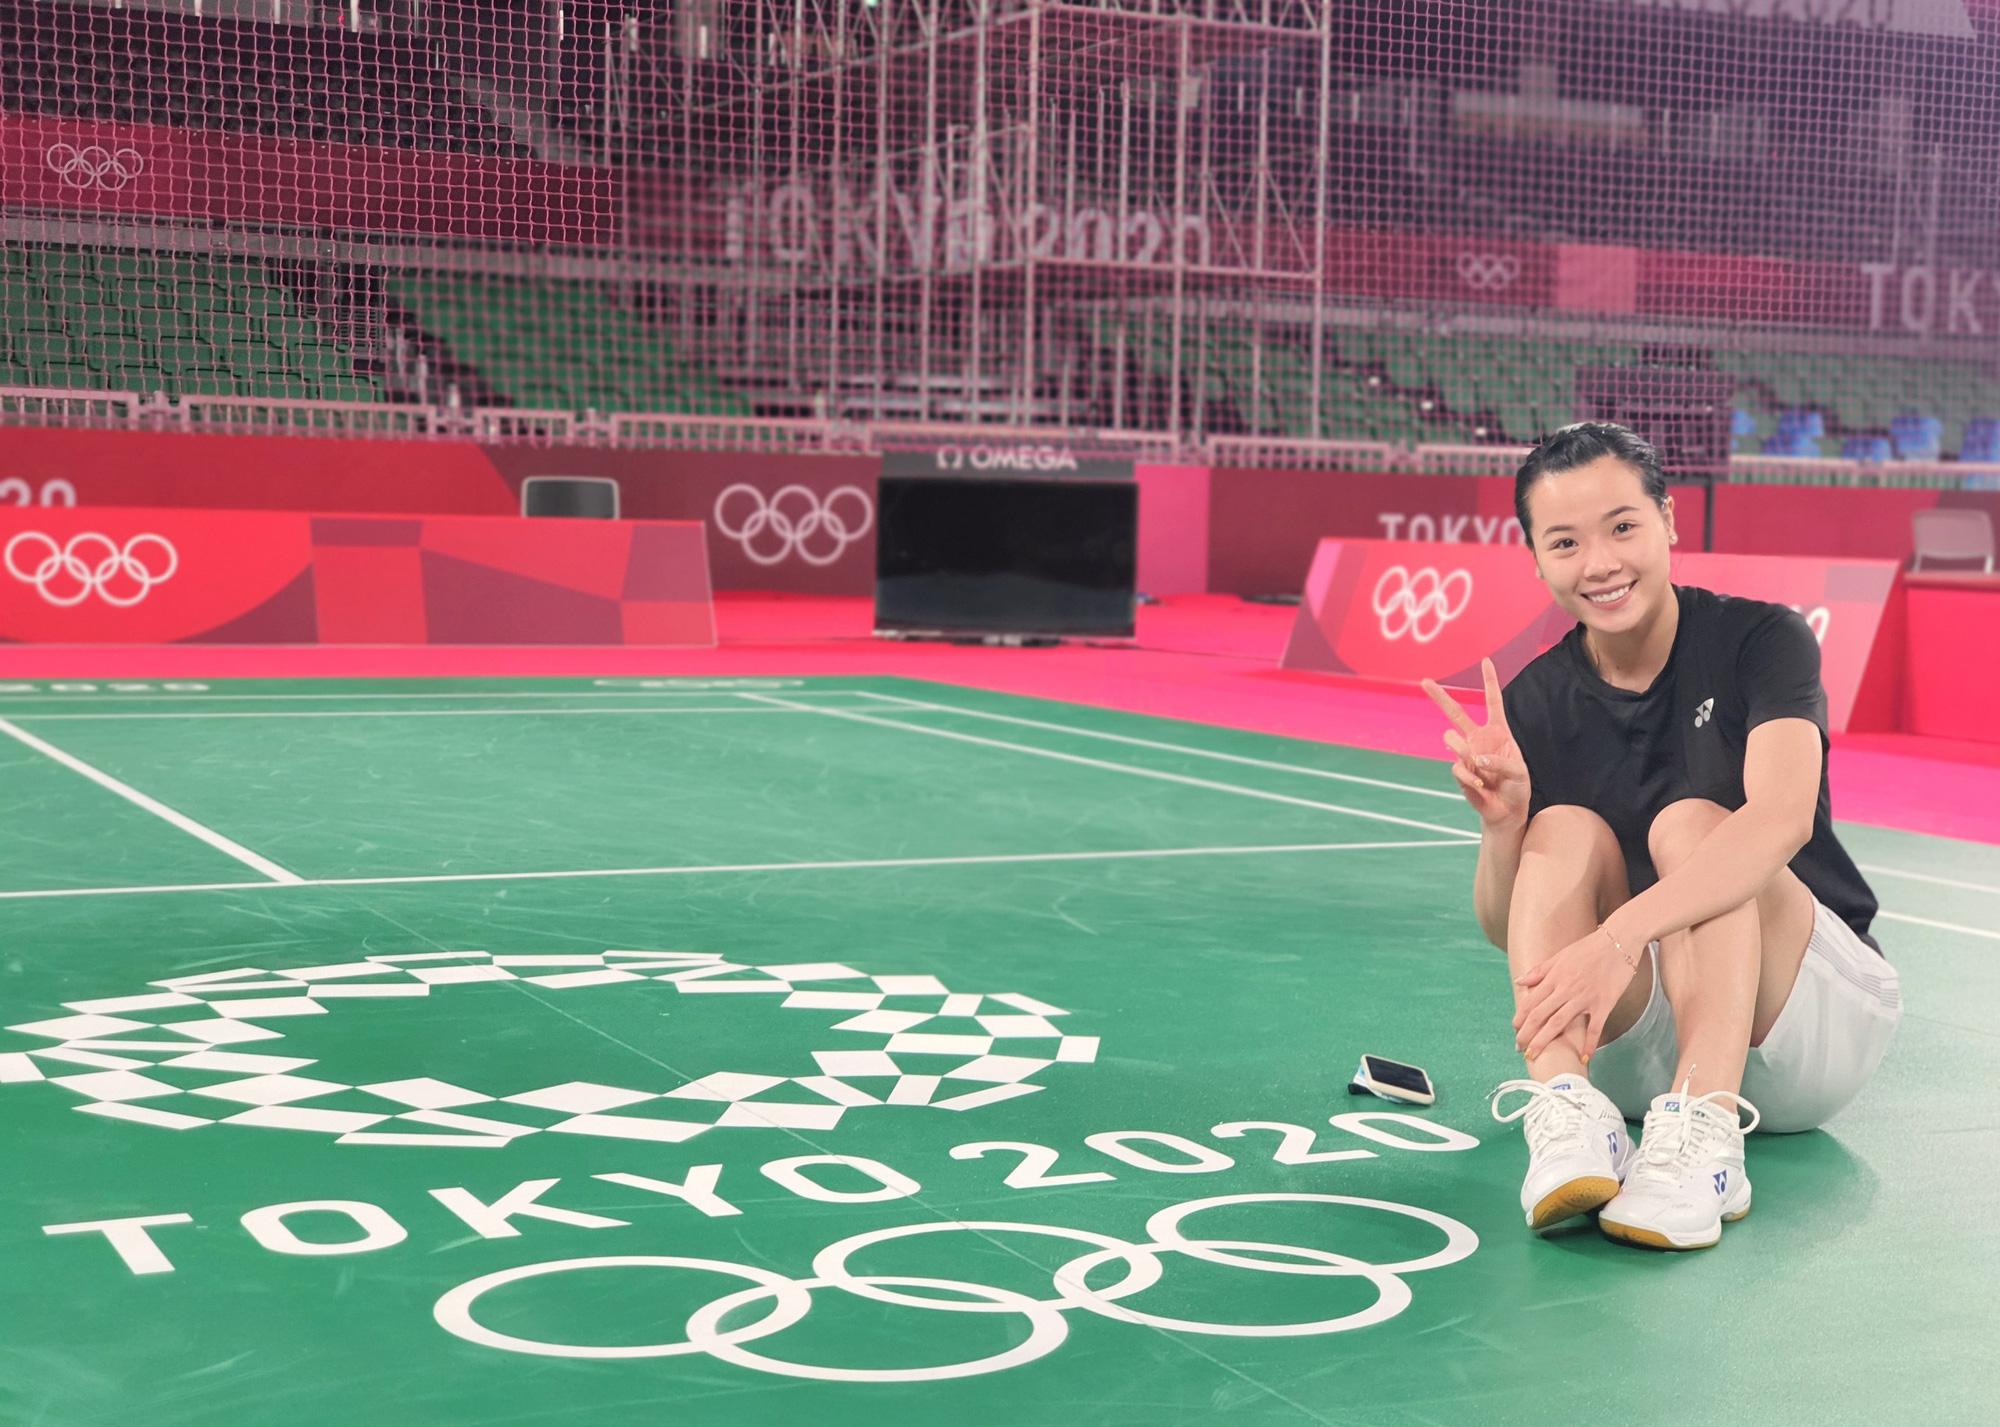 Nhiều VĐV Việt Nam xin không tham dự lễ khai mạc Olympic Tokyo 2020 - Ảnh 1.